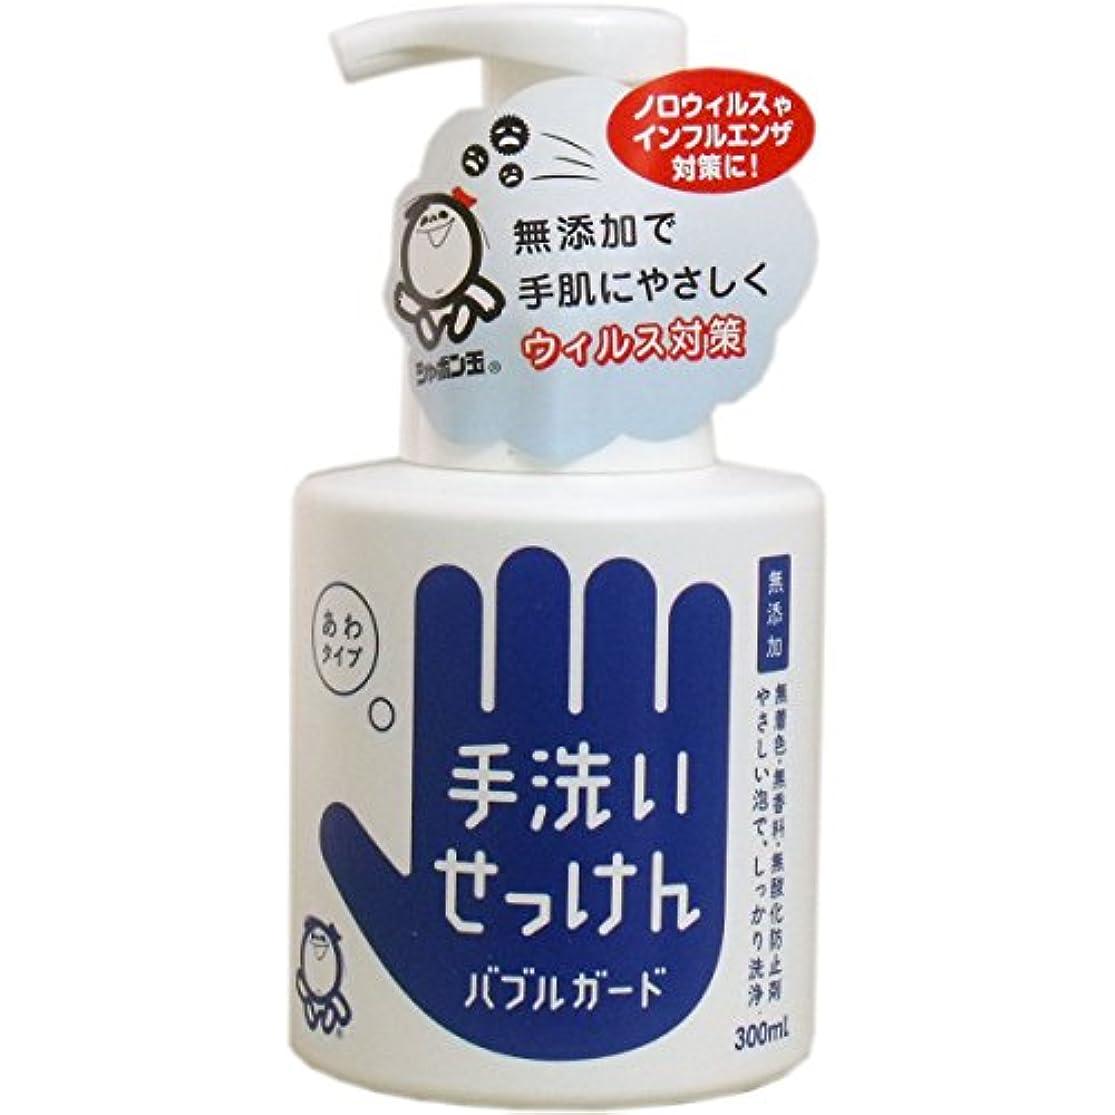 効能ある導体分シャボン玉石けん 手洗いせっけん バブルガード 本体 300ml 1本